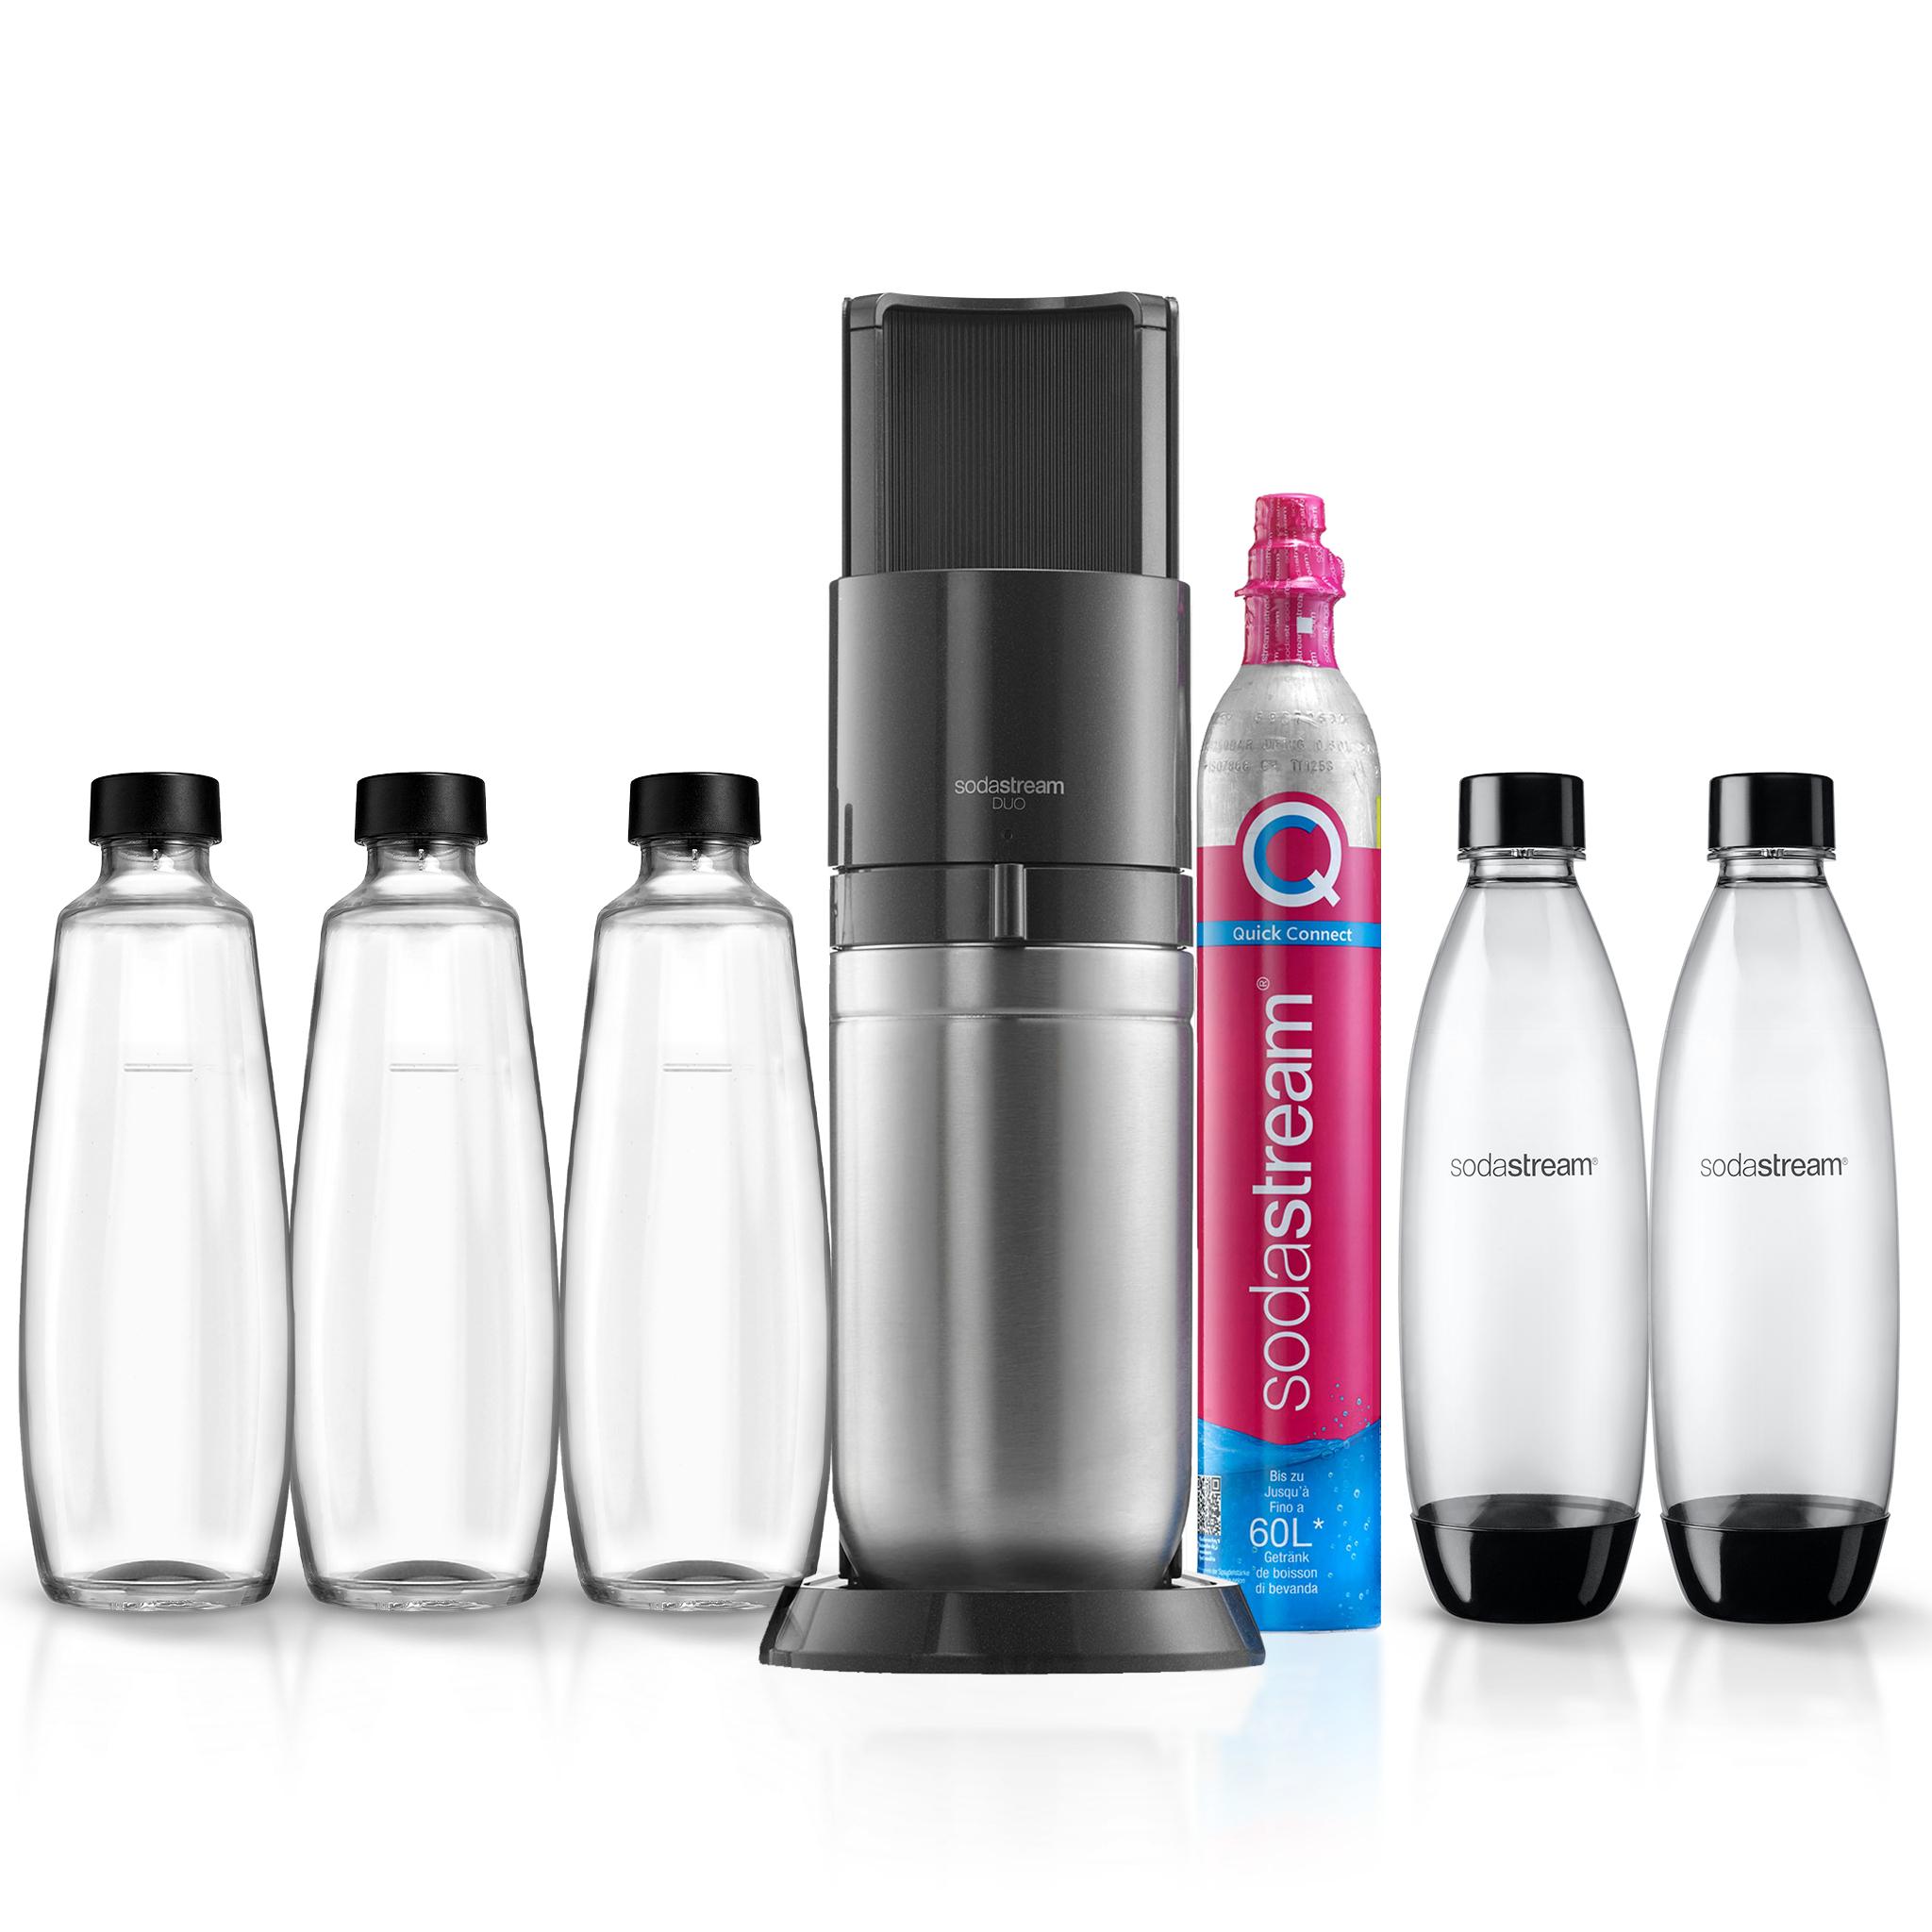 Sodastream Duo mit 3 Glas- und 2 Plastikflaschen (1l)